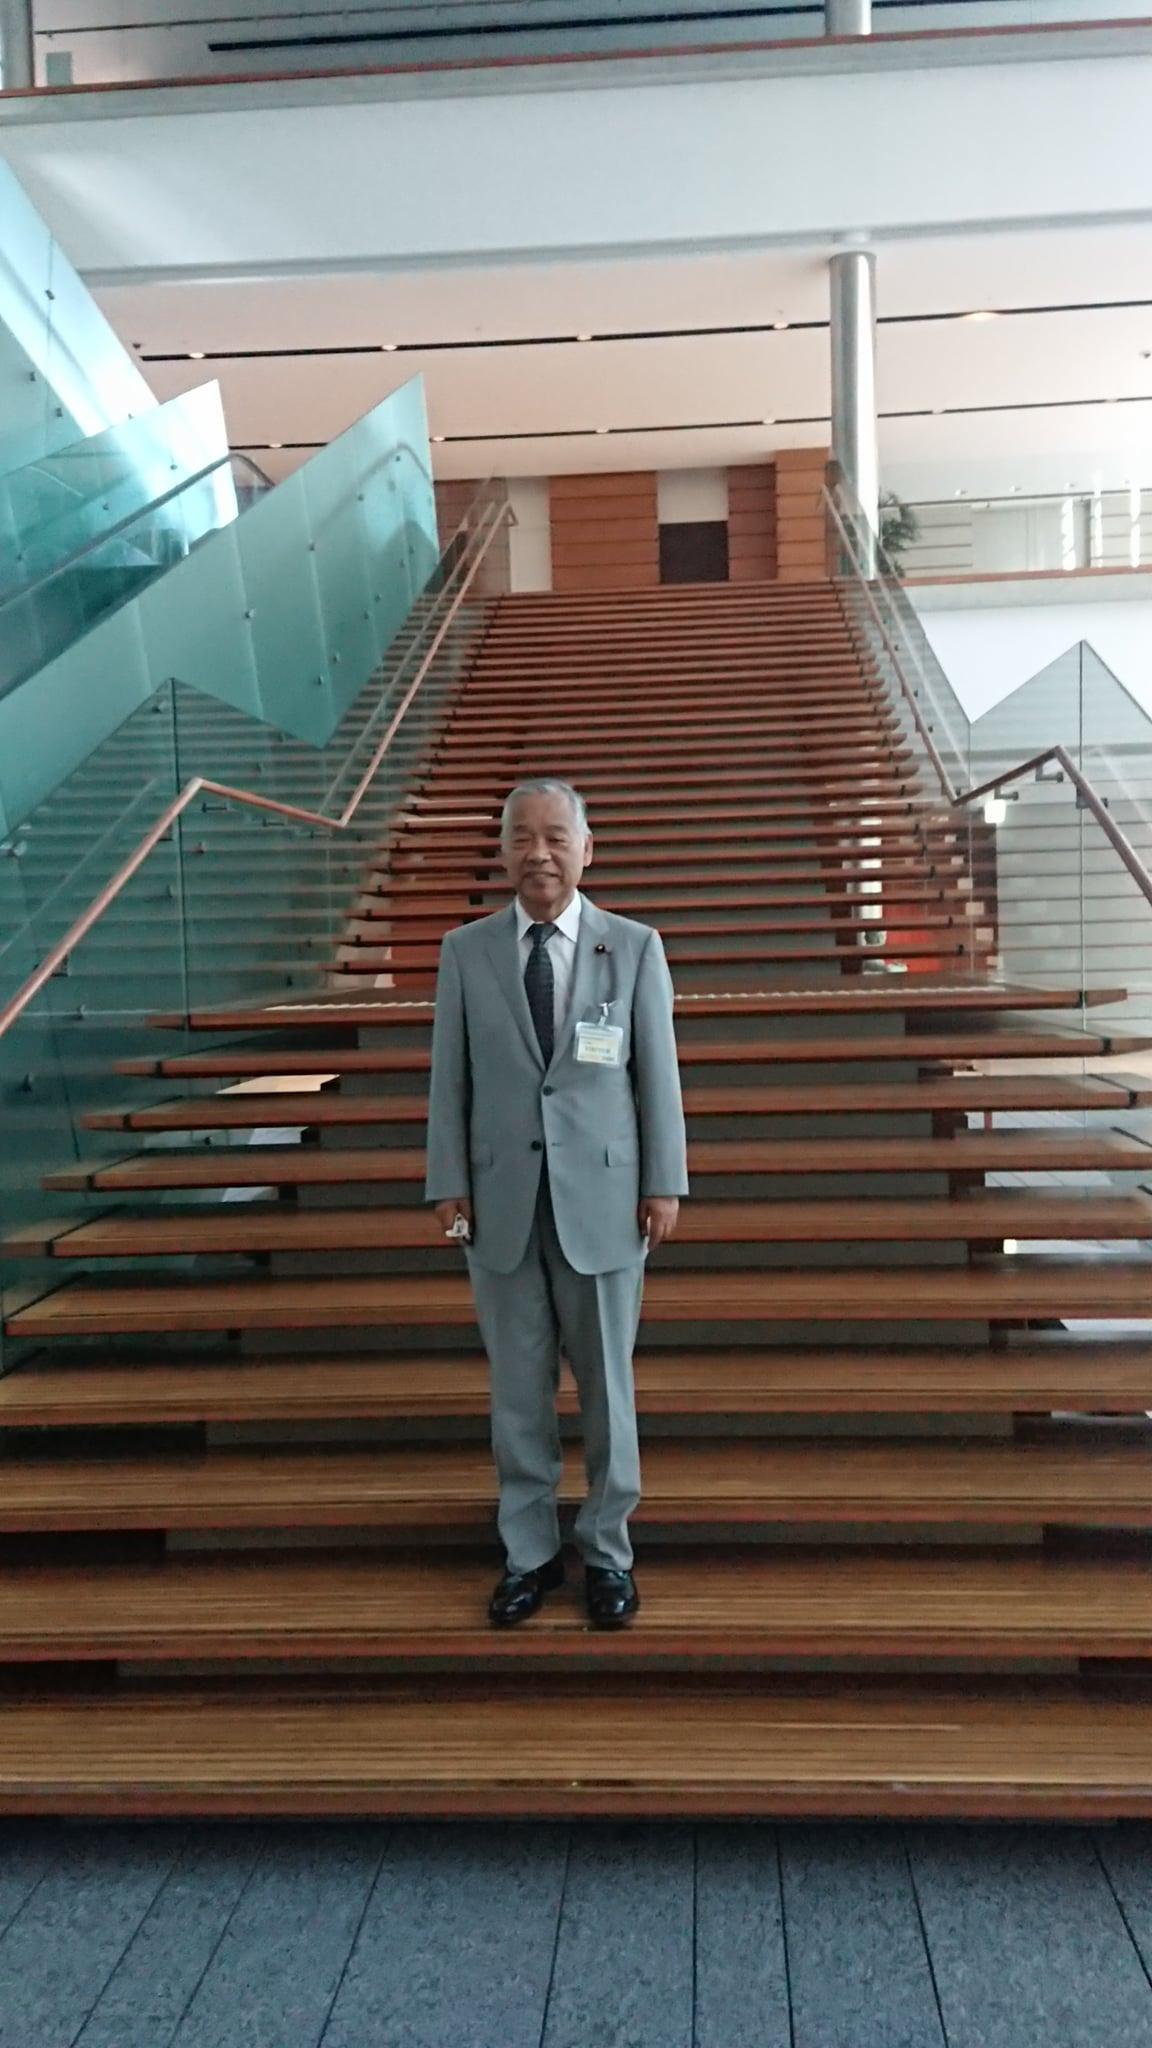 総理大臣官邸を訪問し、西村明宏内閣官房副長官にお伺いいたしました。